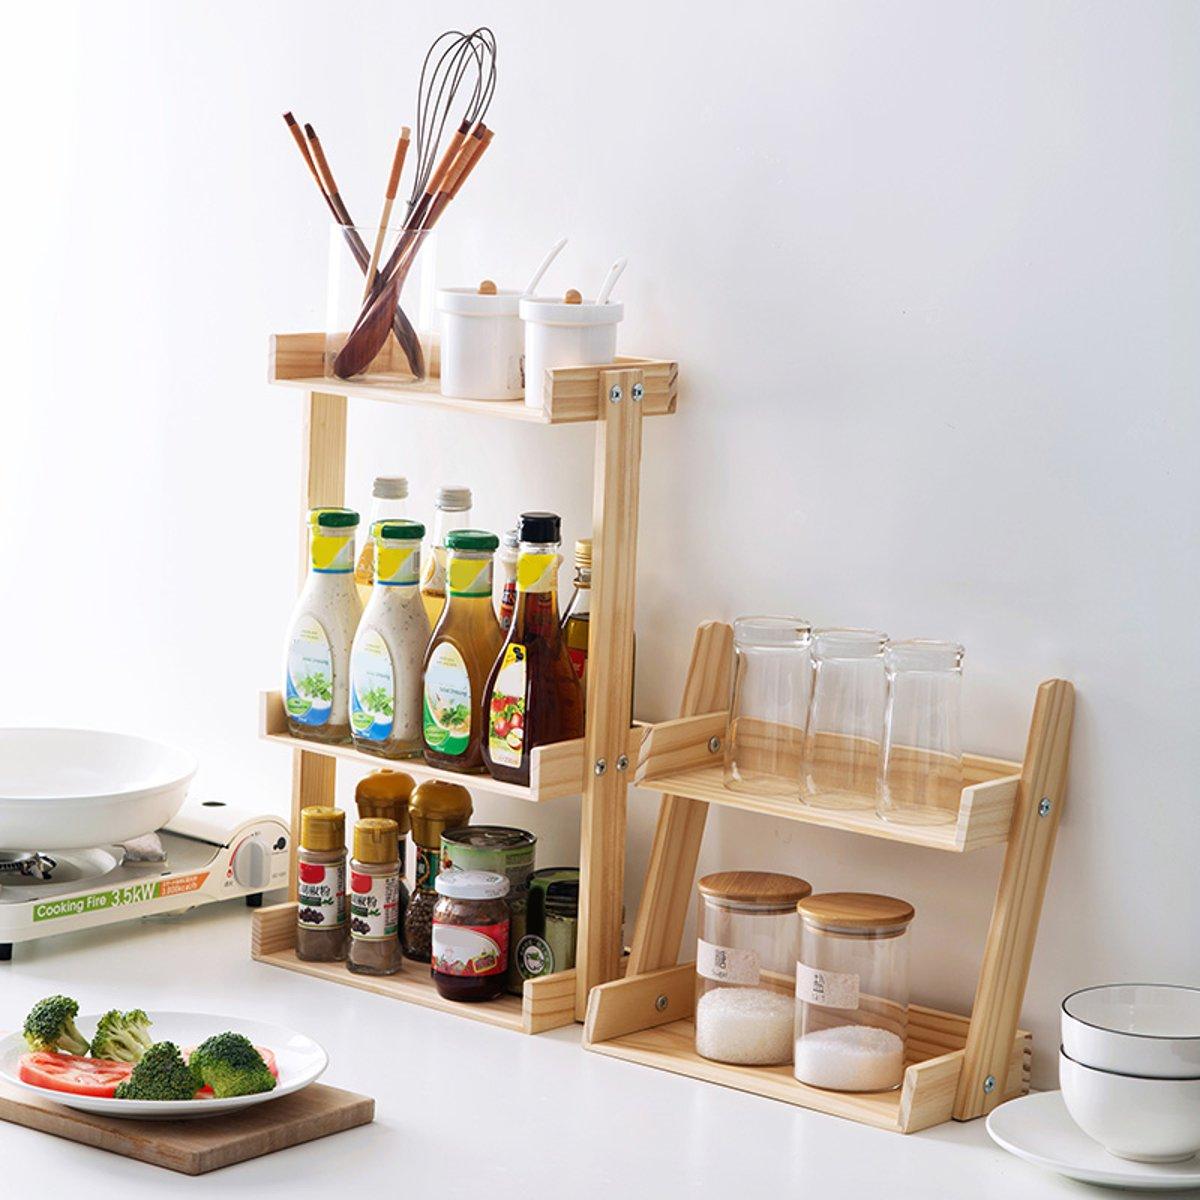 2/3 Layers Wooden Storage Rack Holder Kitchen Organizer Shelf Multifunction Kitchen Seasoning Utensils Storage Table Rack Stand